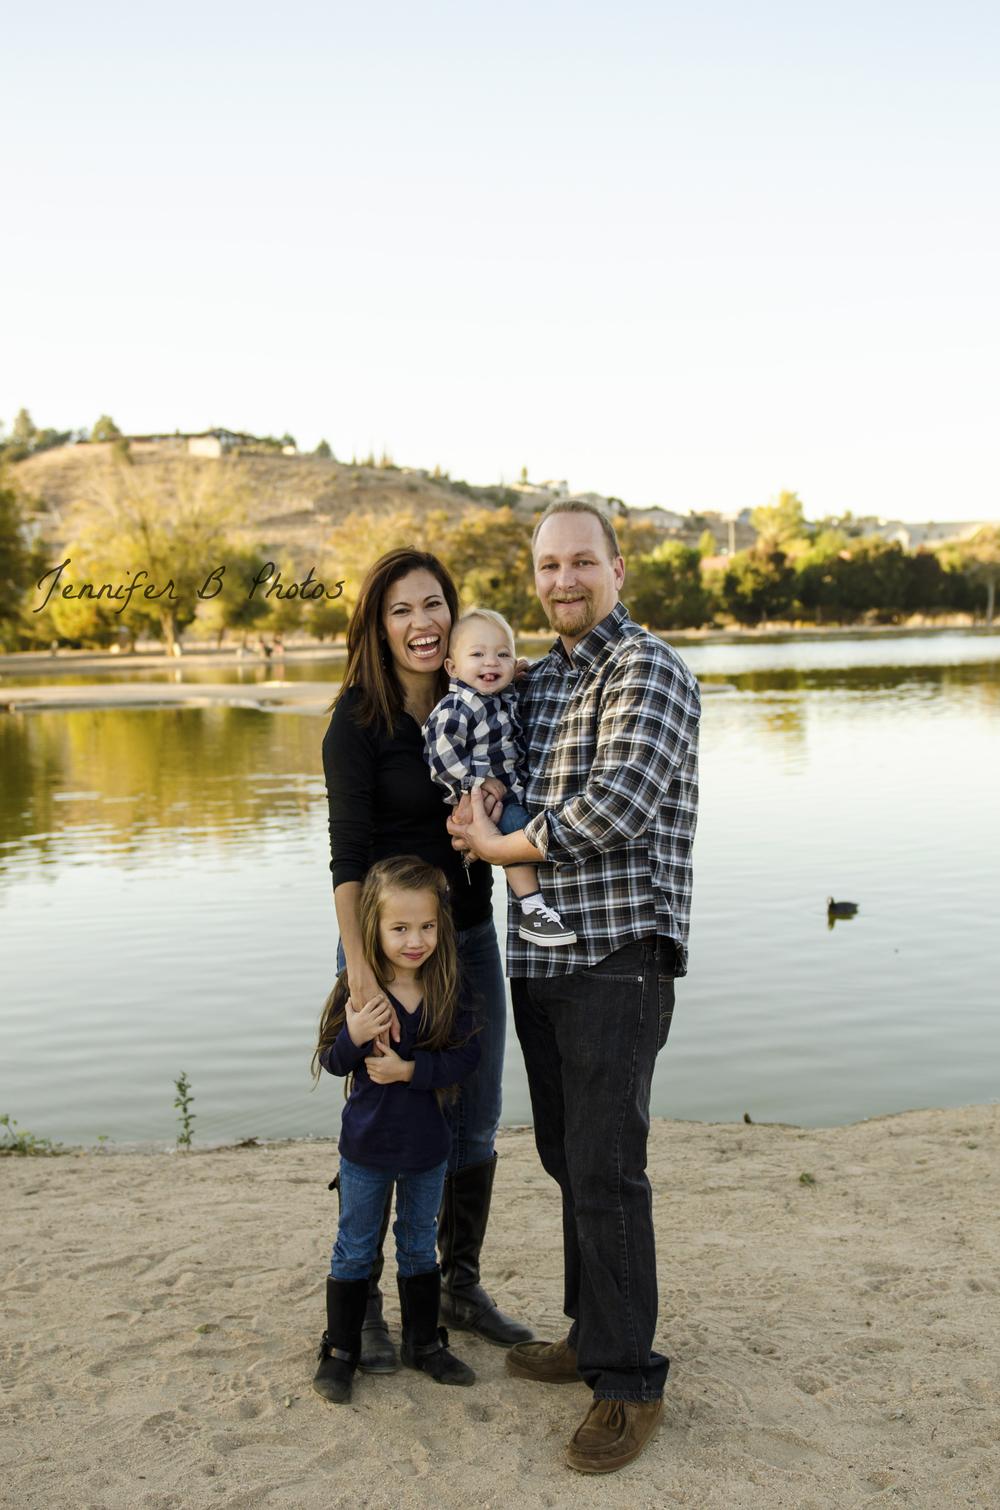 inlandempirefamilyphotographer5.jpg